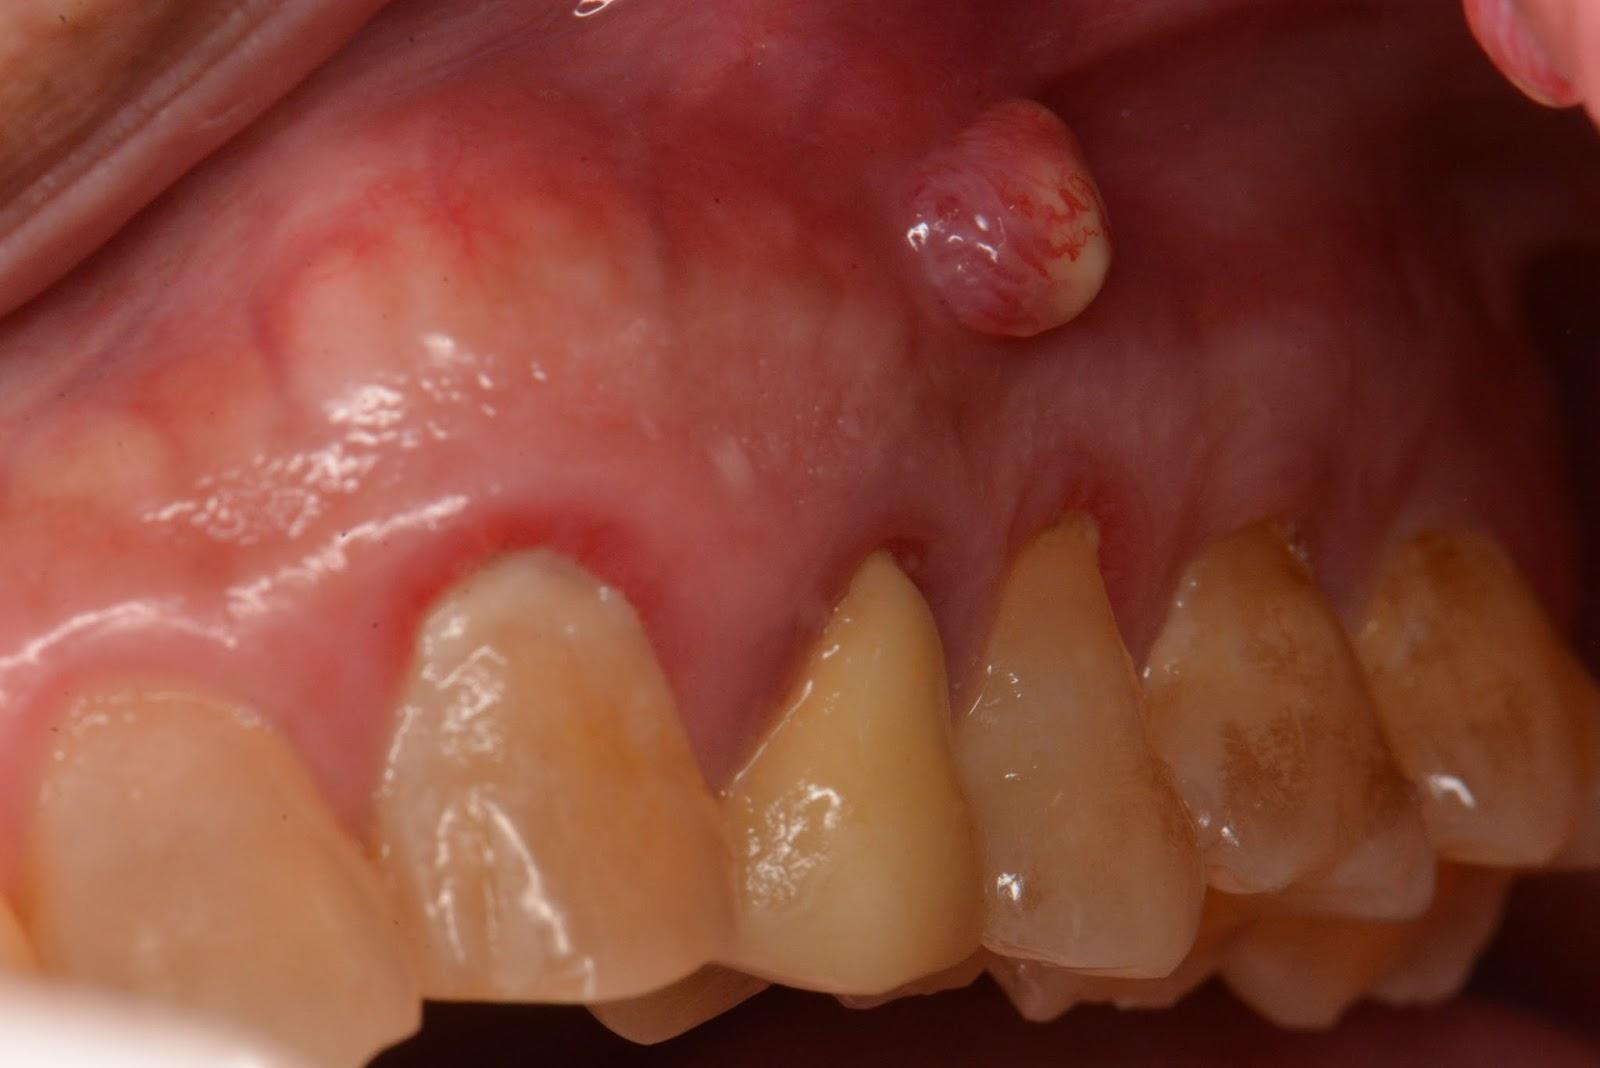 鍾明邦 顯微手術 根管 植牙 分享: 為什麼你的牙總是看不好?! 淺談根管治療失敗的原因 (一)